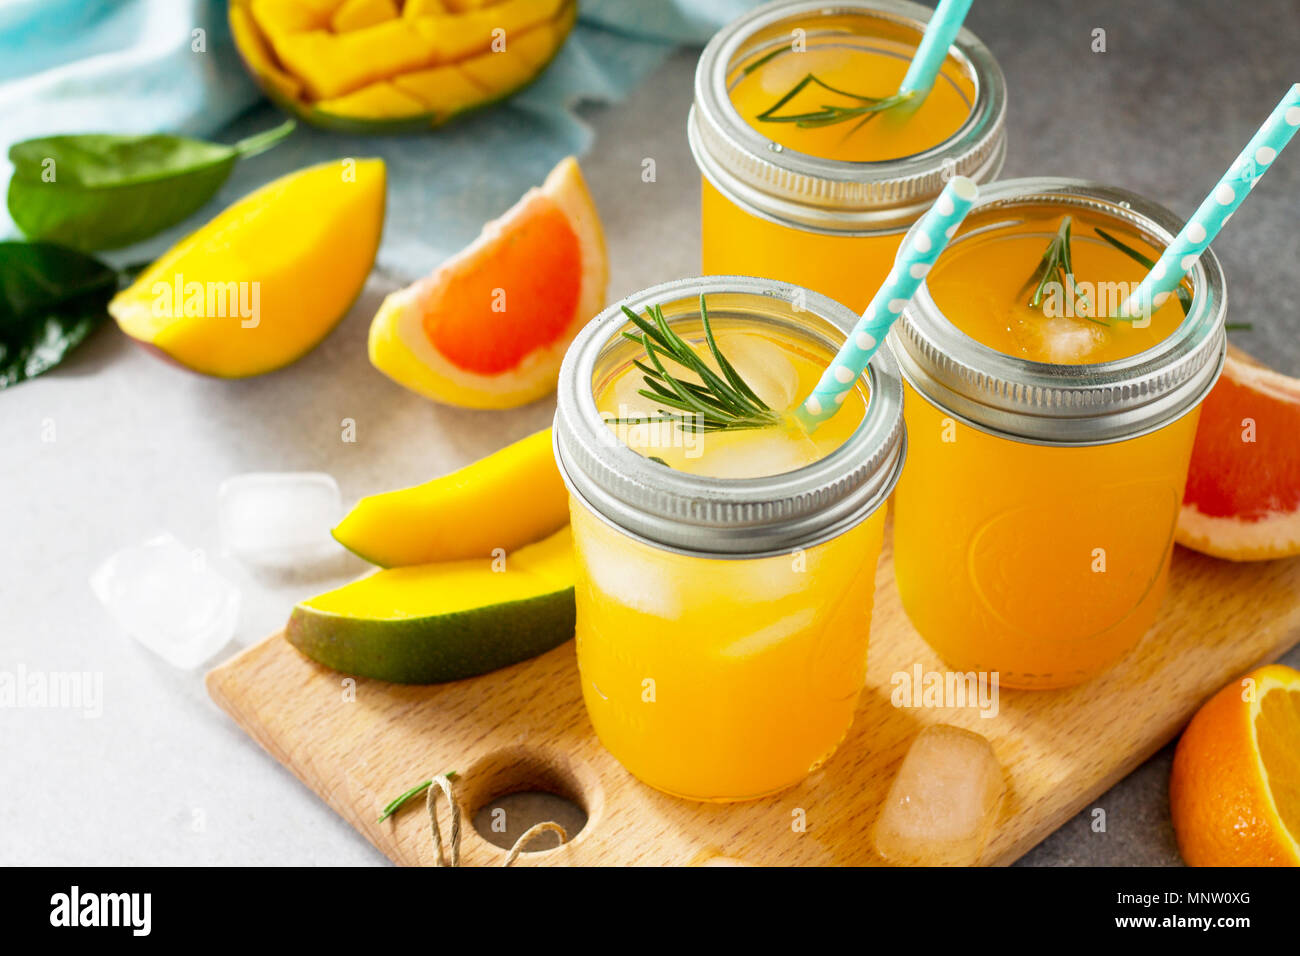 Rinfrescanti cocktail estivi fatti di agrumi e di mango, bevanda fredda o un drink con ghiaccio su uno sfondo nero. Concetto di cibo vegetariano, fresche vitamine Immagini Stock